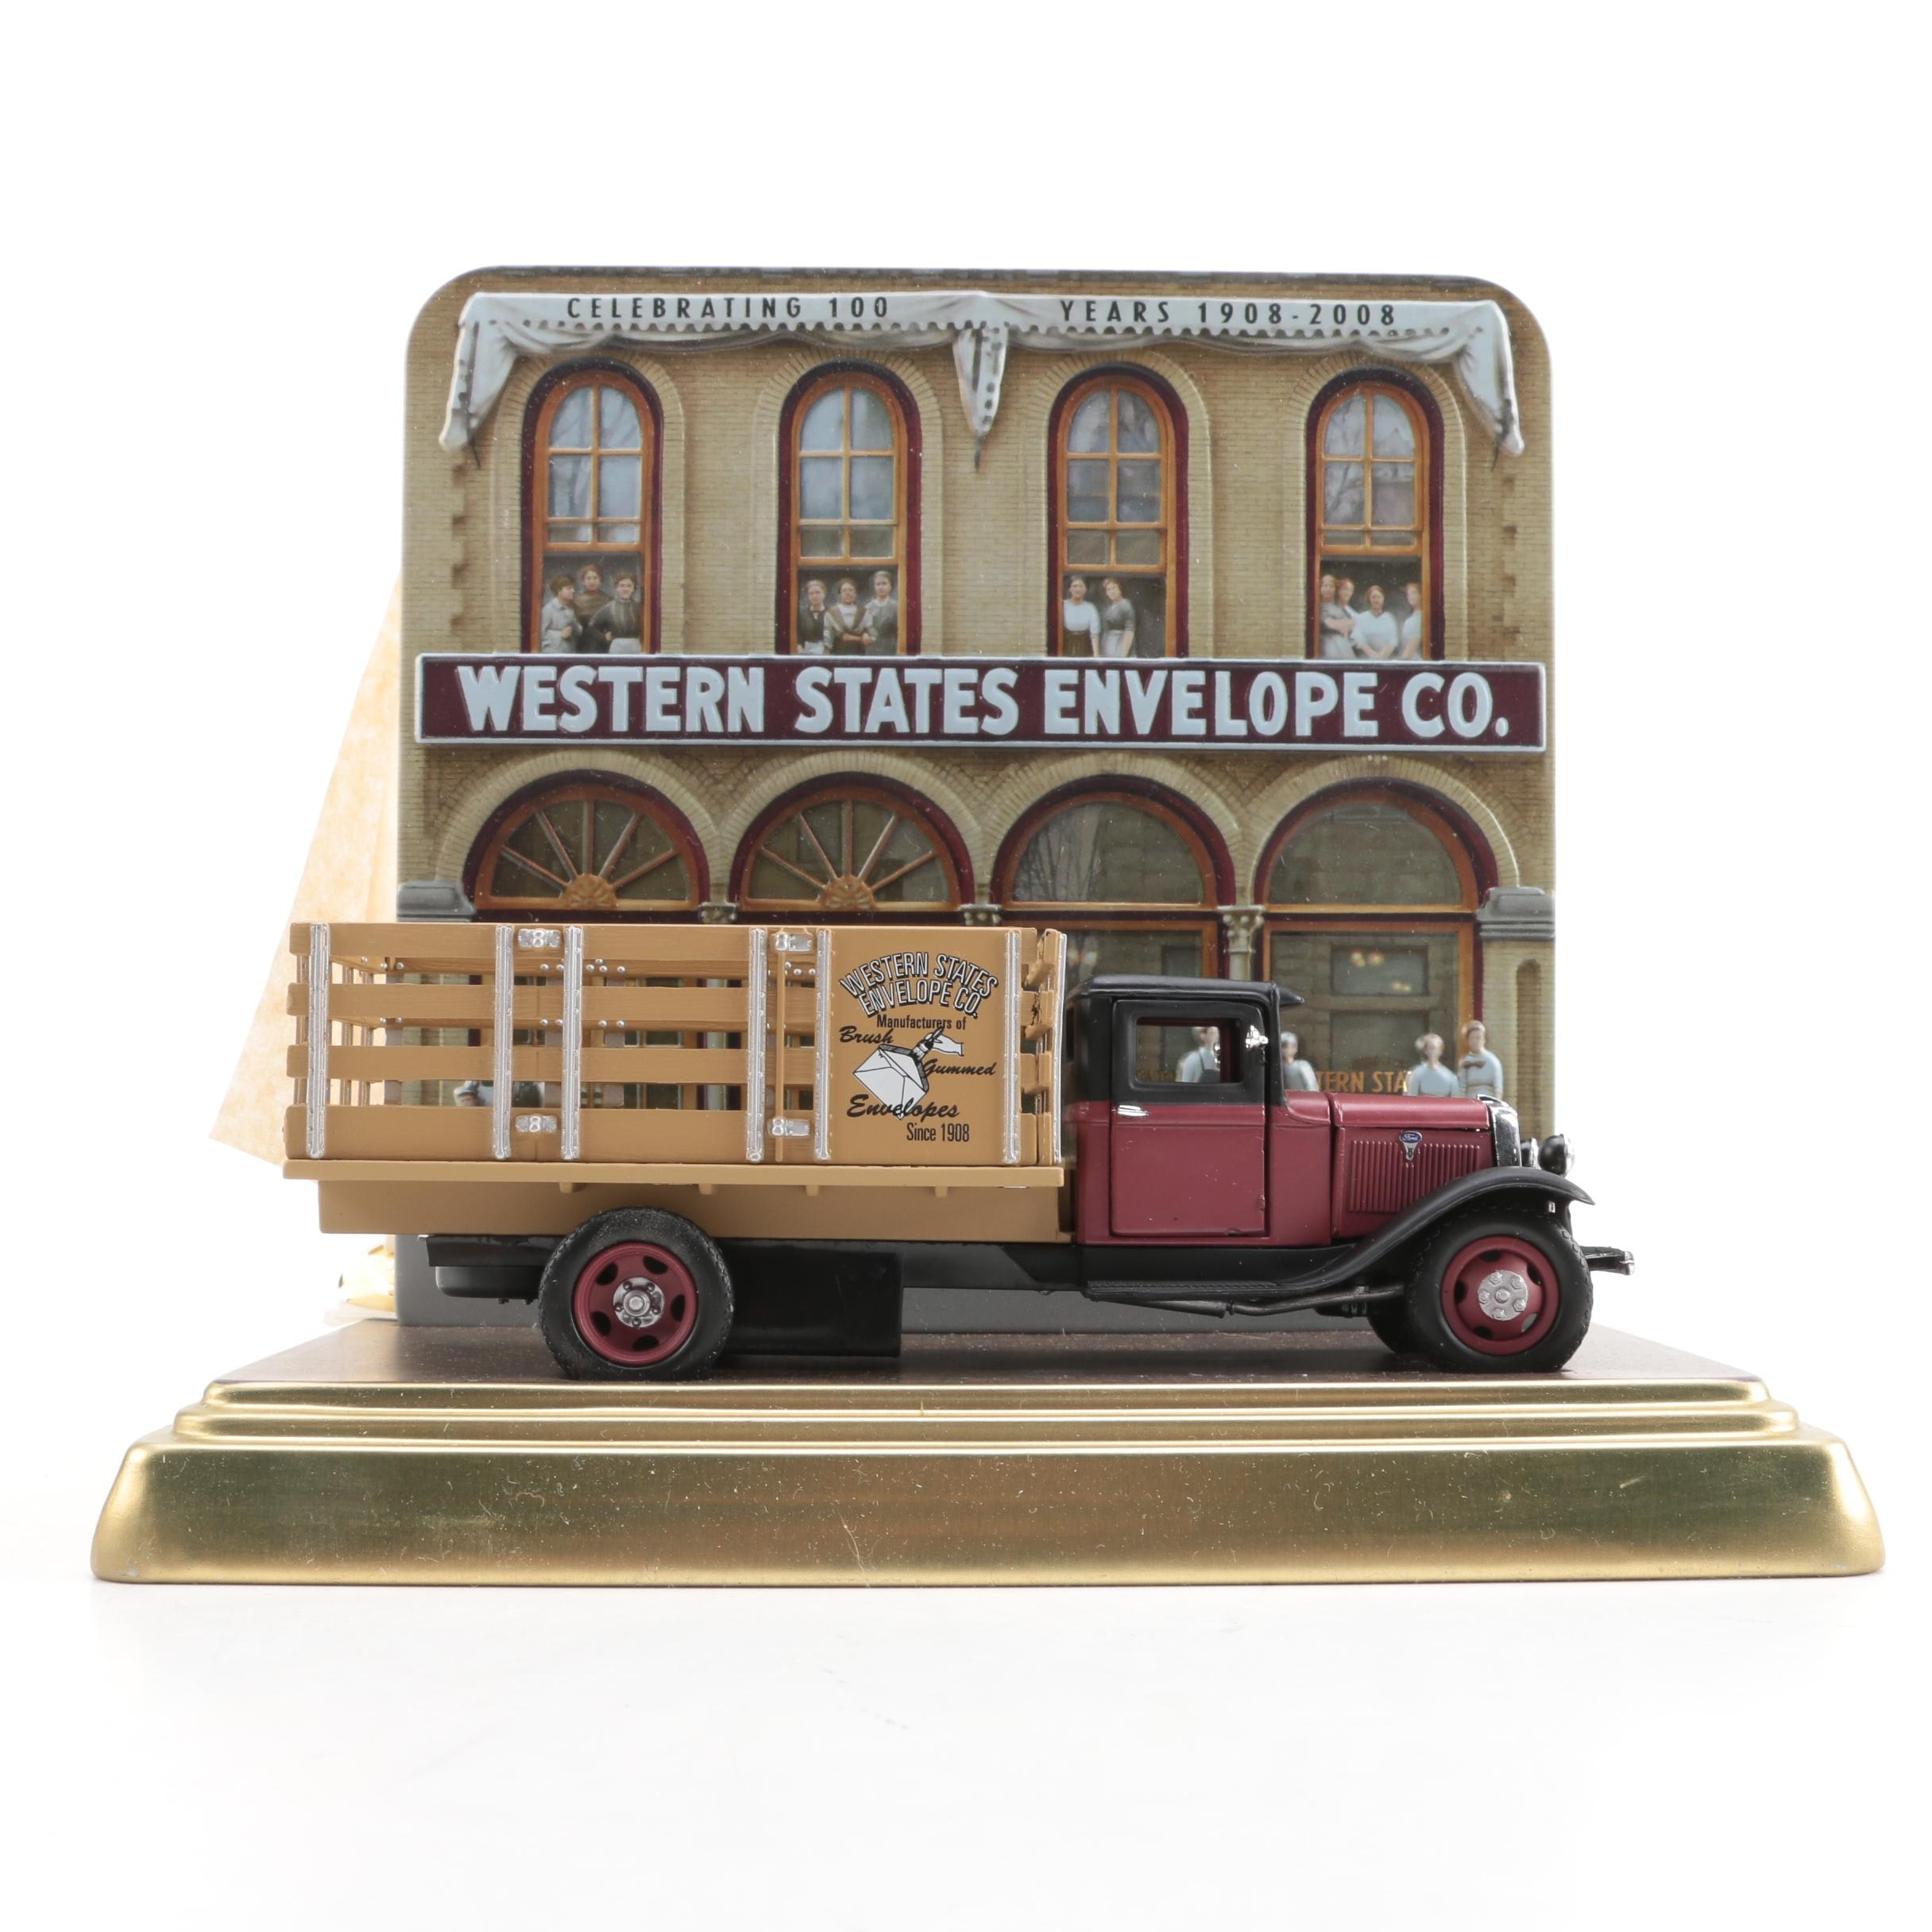 Western States Envelop Co. Die-Cast Truck